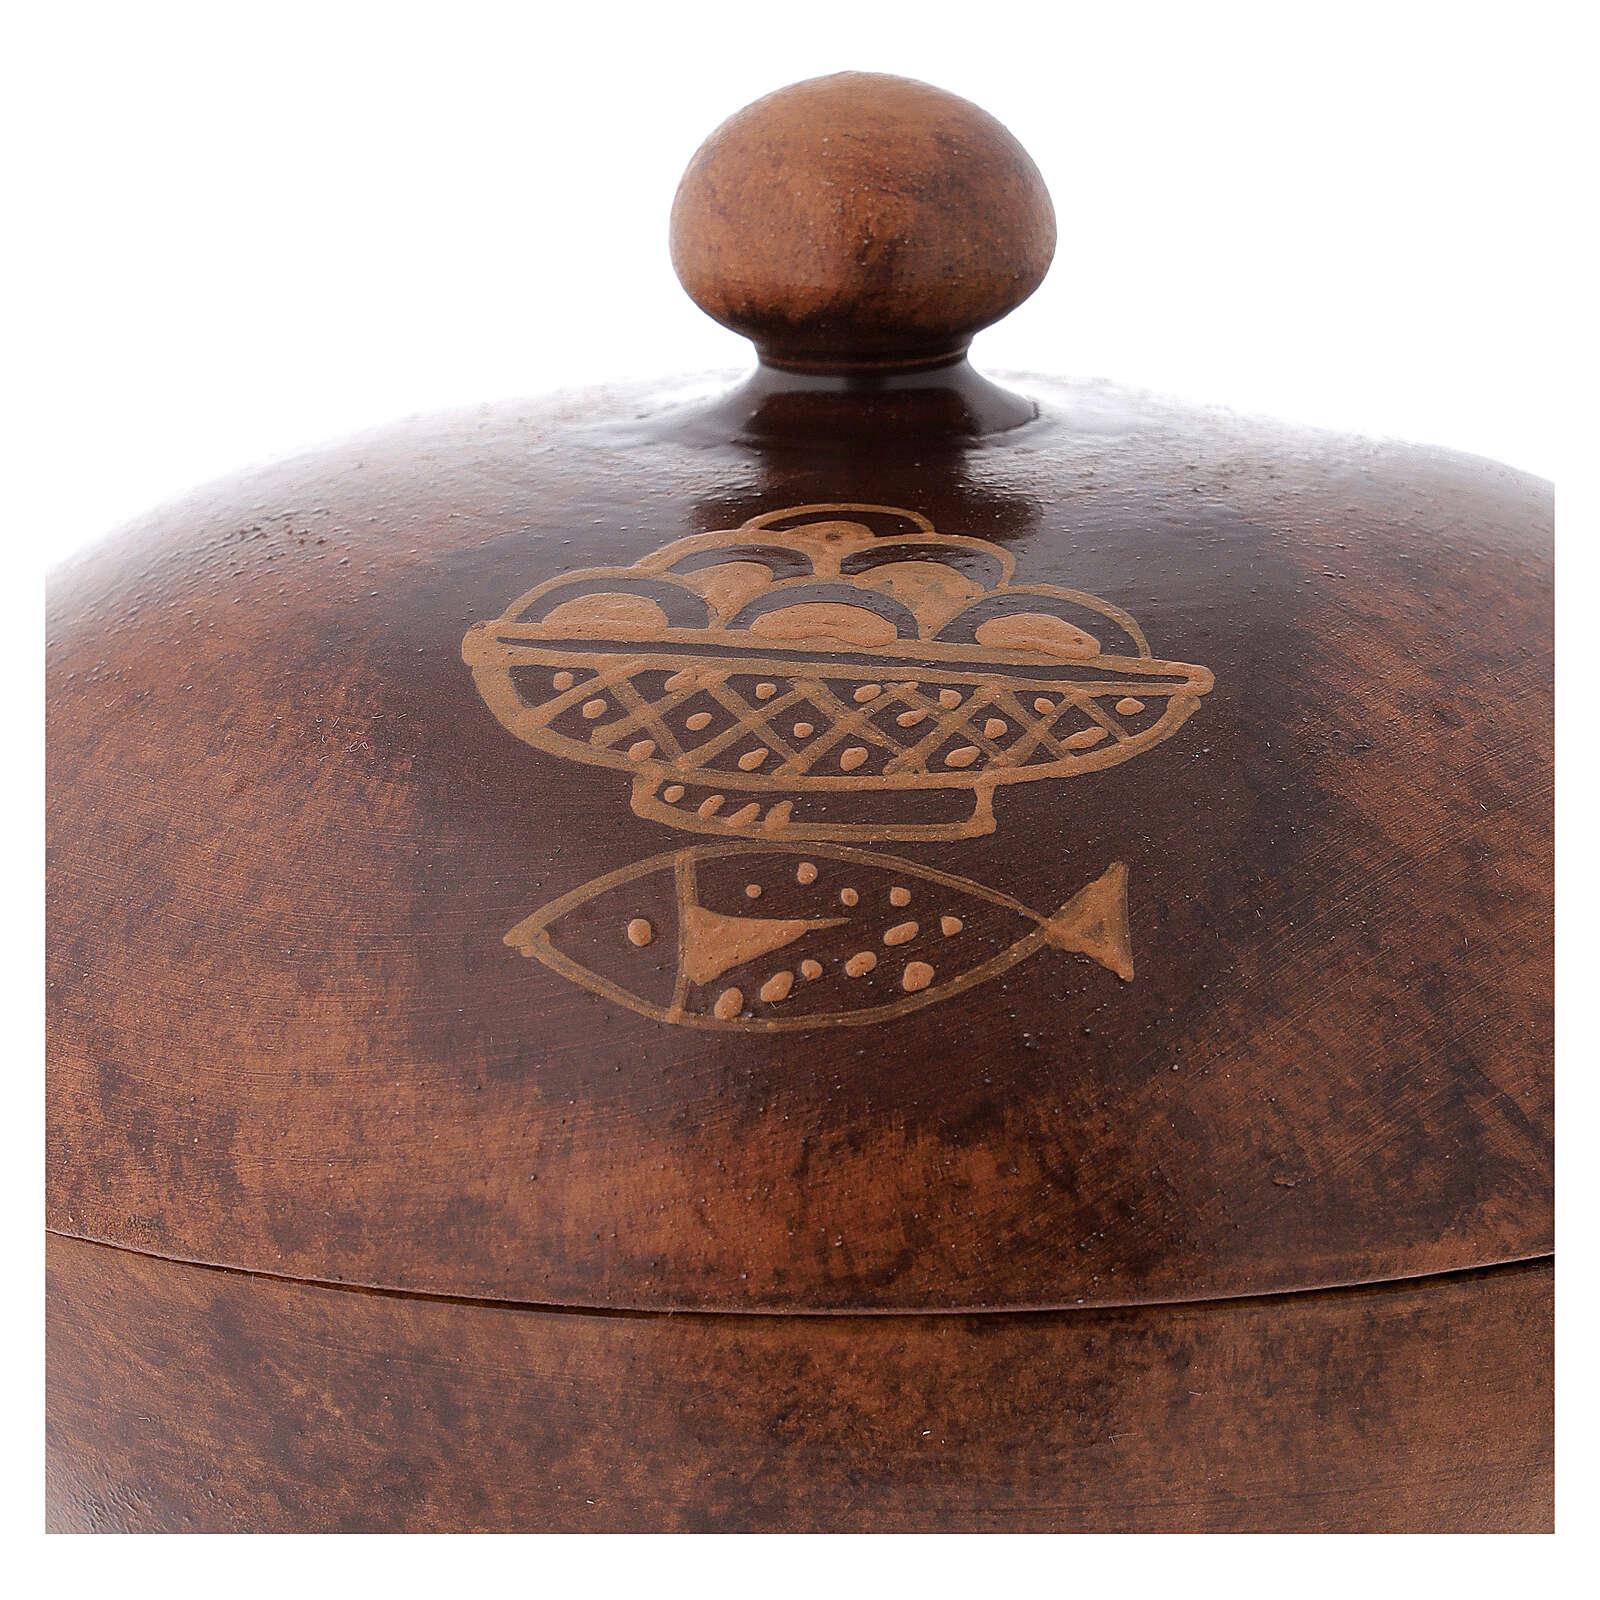 STOCK Copón cerámica y latón dorado motivo pan y peces diám 15 cm 4